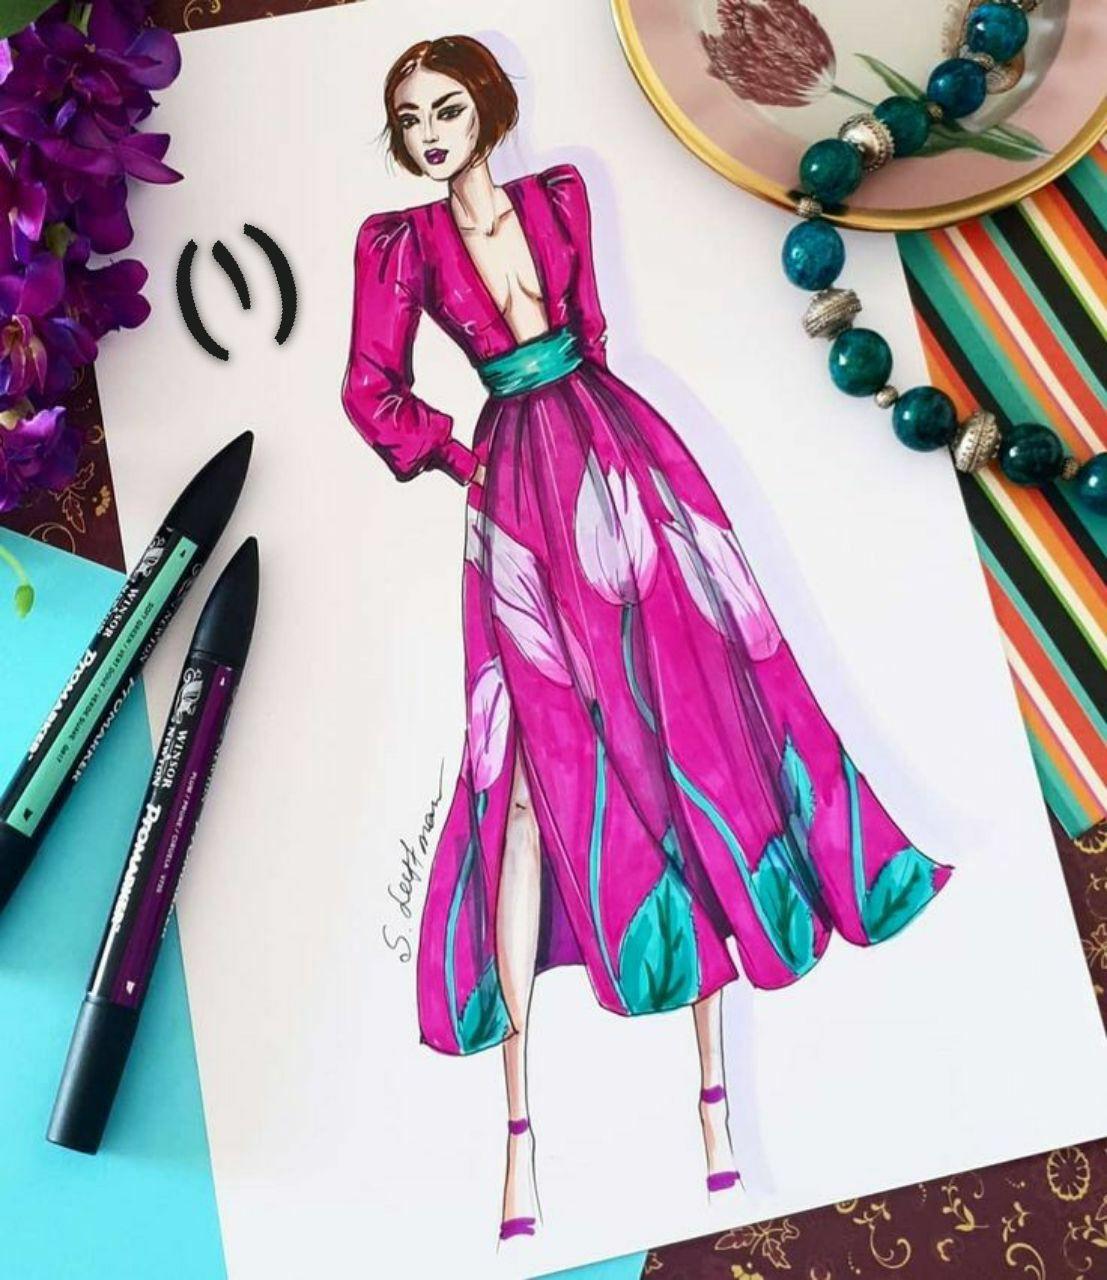 تعليم رسم تصميم الأزياء للمبتدأين يناير 11 2020 في 12 09 Am م Fashion Illustration Sketches Dresses Fashion Illustration Dresses Fashion Illustration